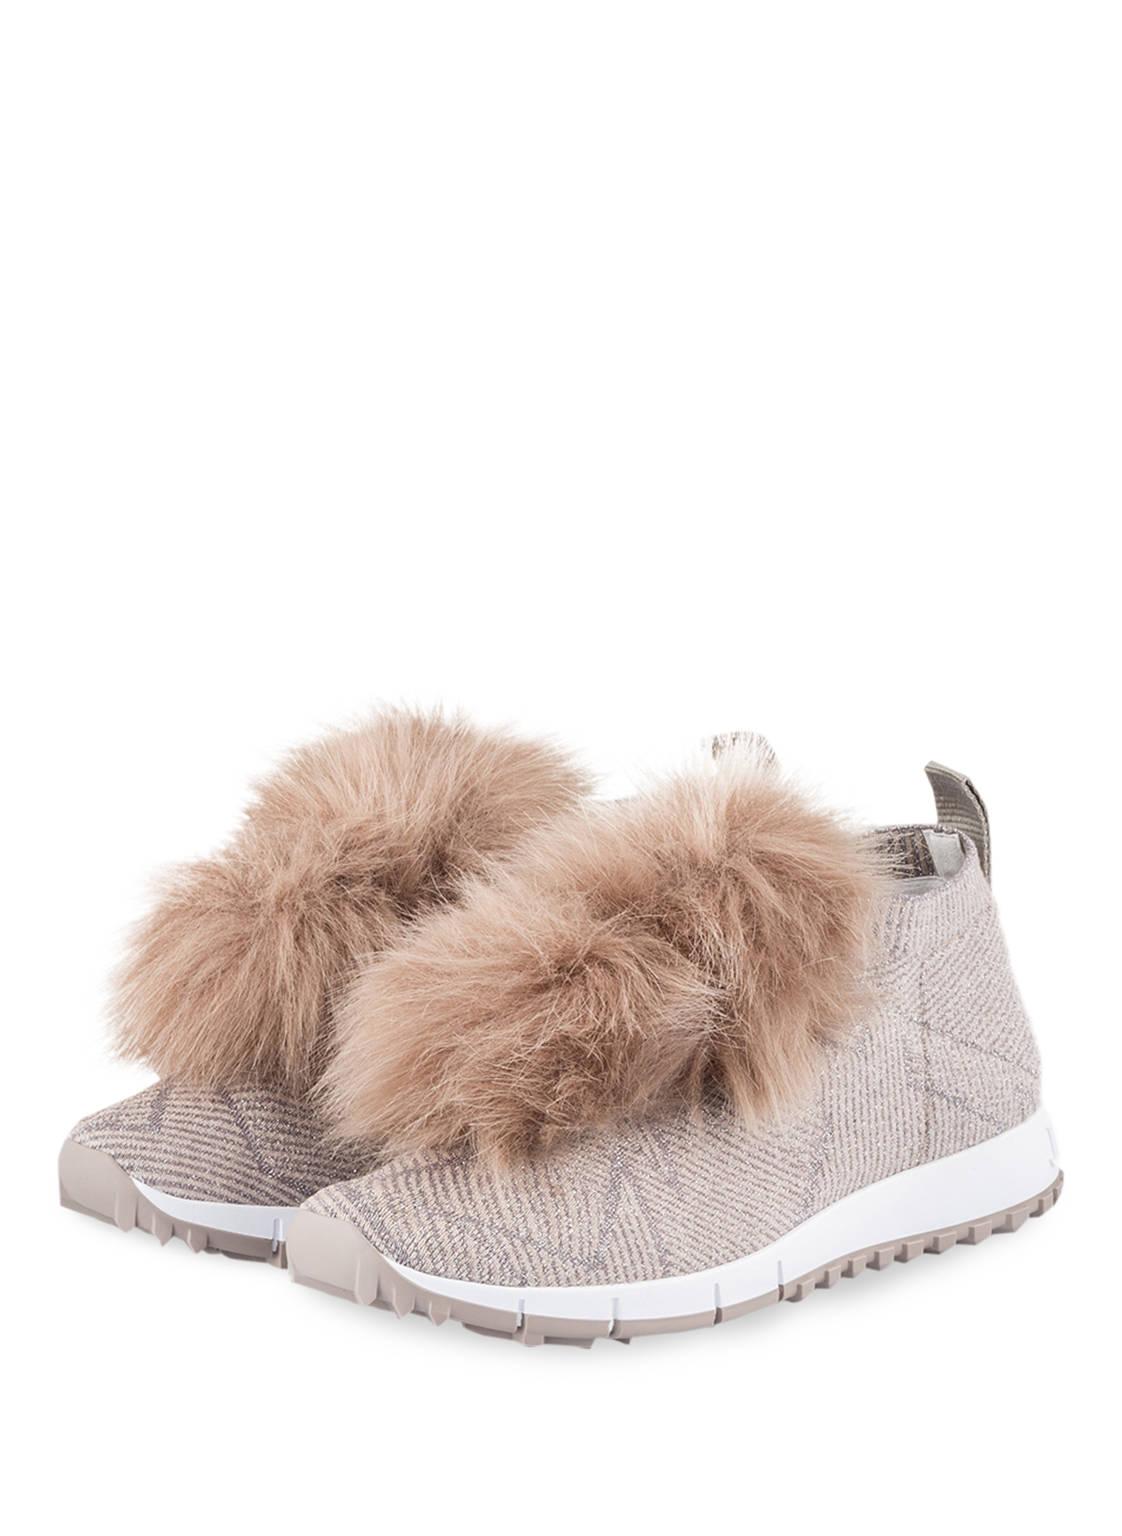 JIMMY CHOO Slip-on-Sneaker NORWAY